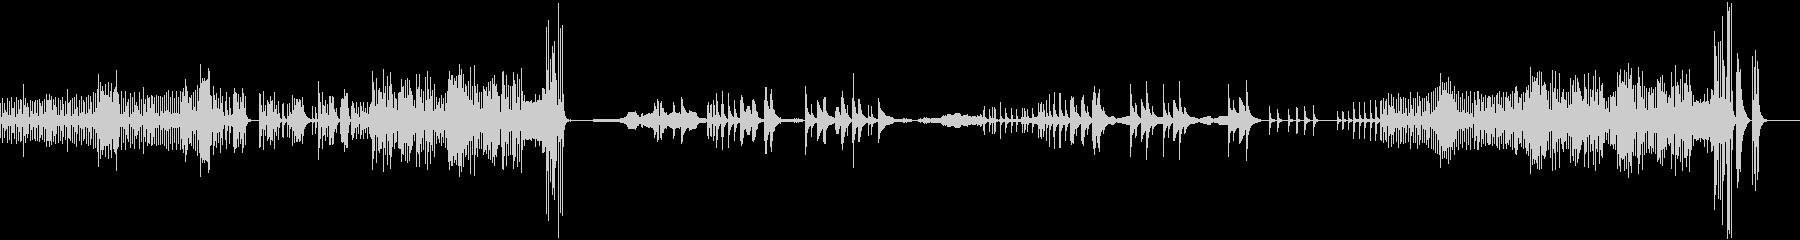 ギターと弦のピチカートで描いた情景の未再生の波形